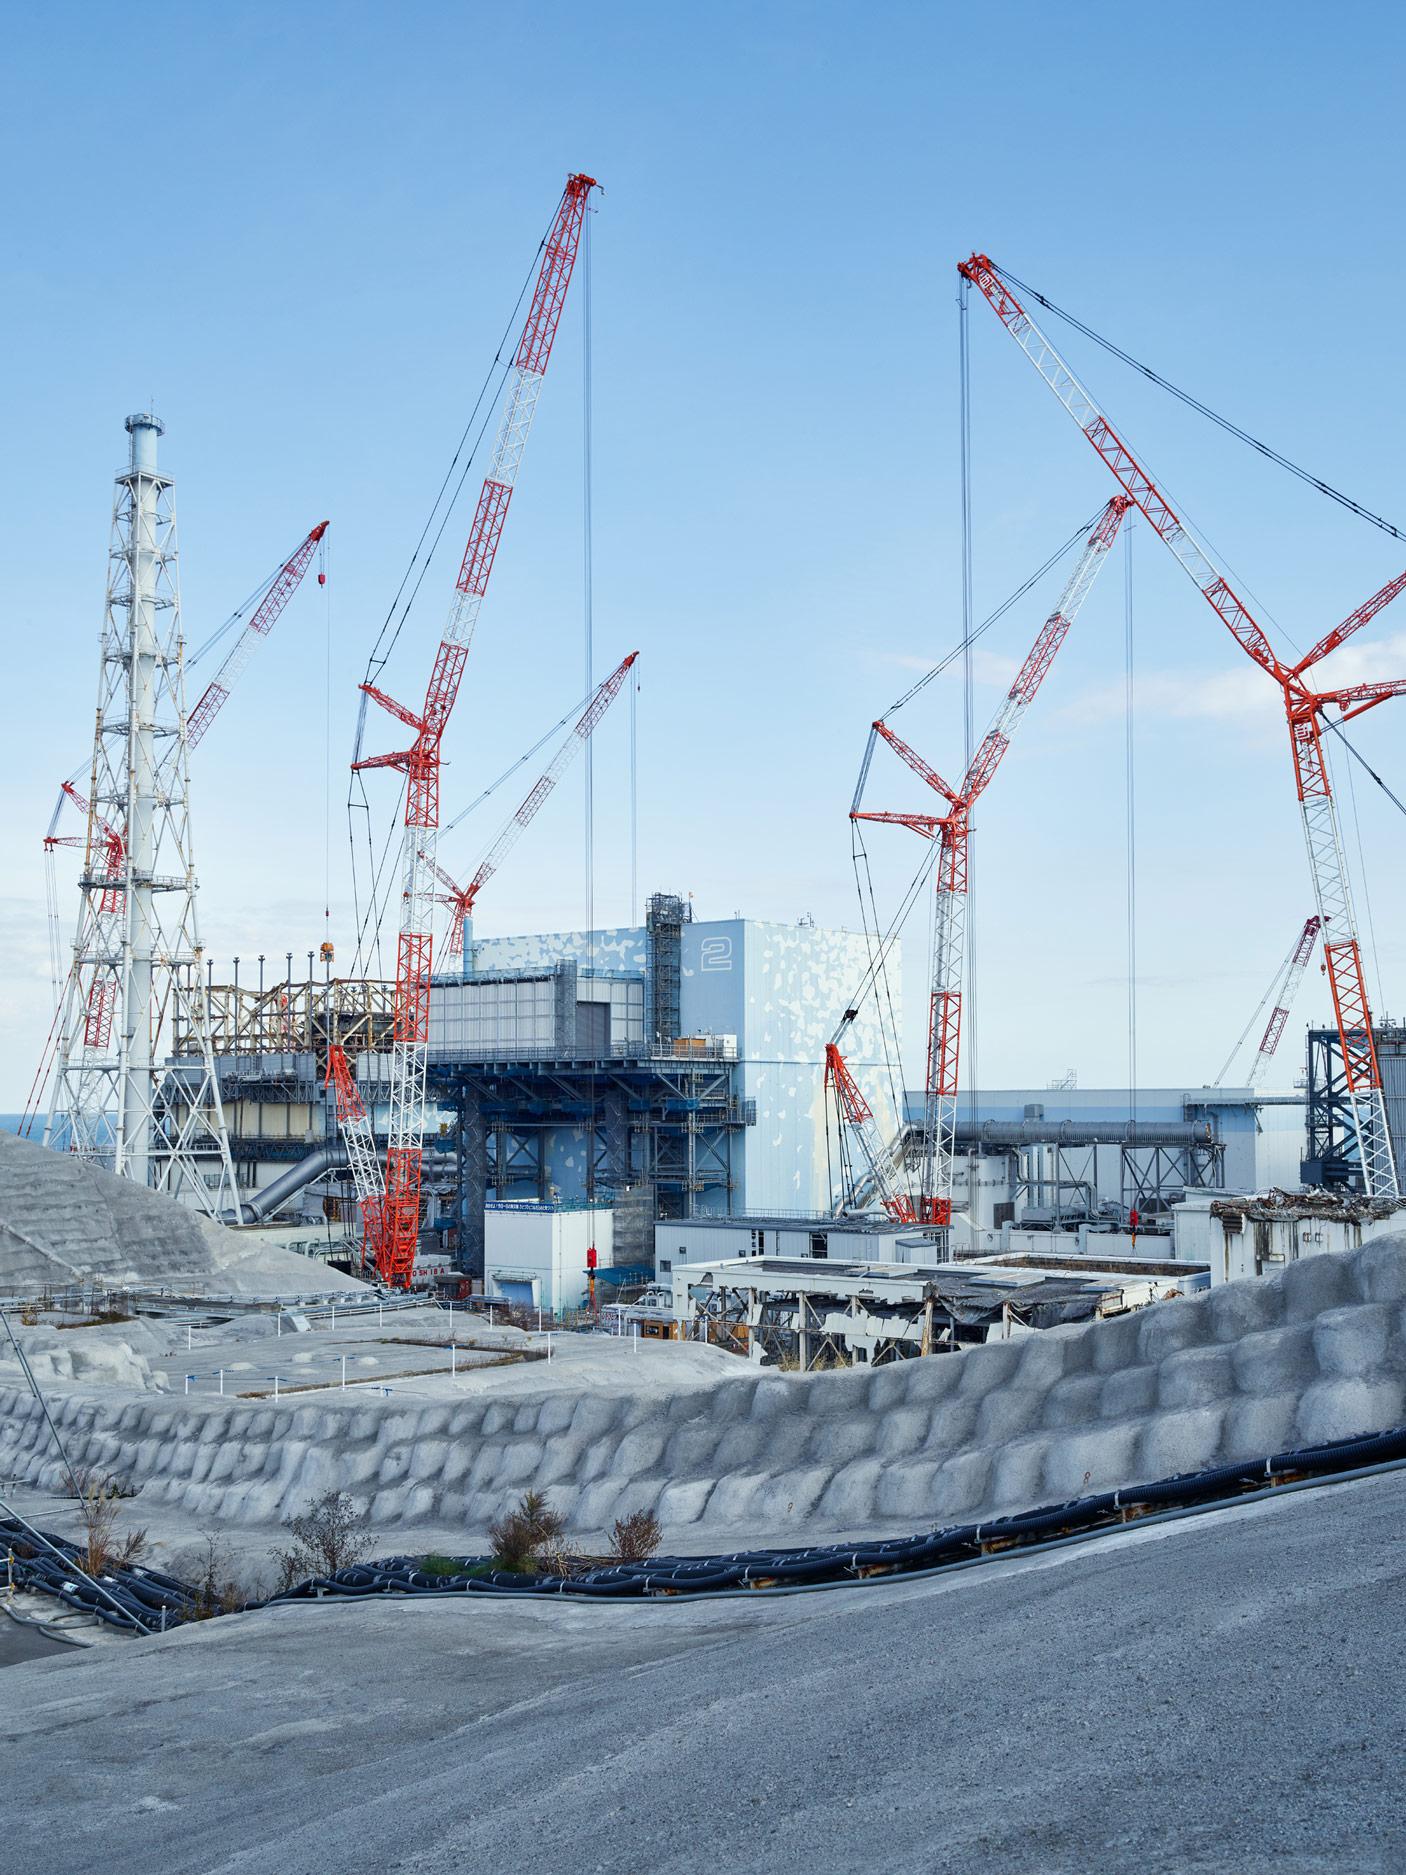 Units 1 and 2, Fukushima Daiichi Nuclear Power Plant, Japan, 2017